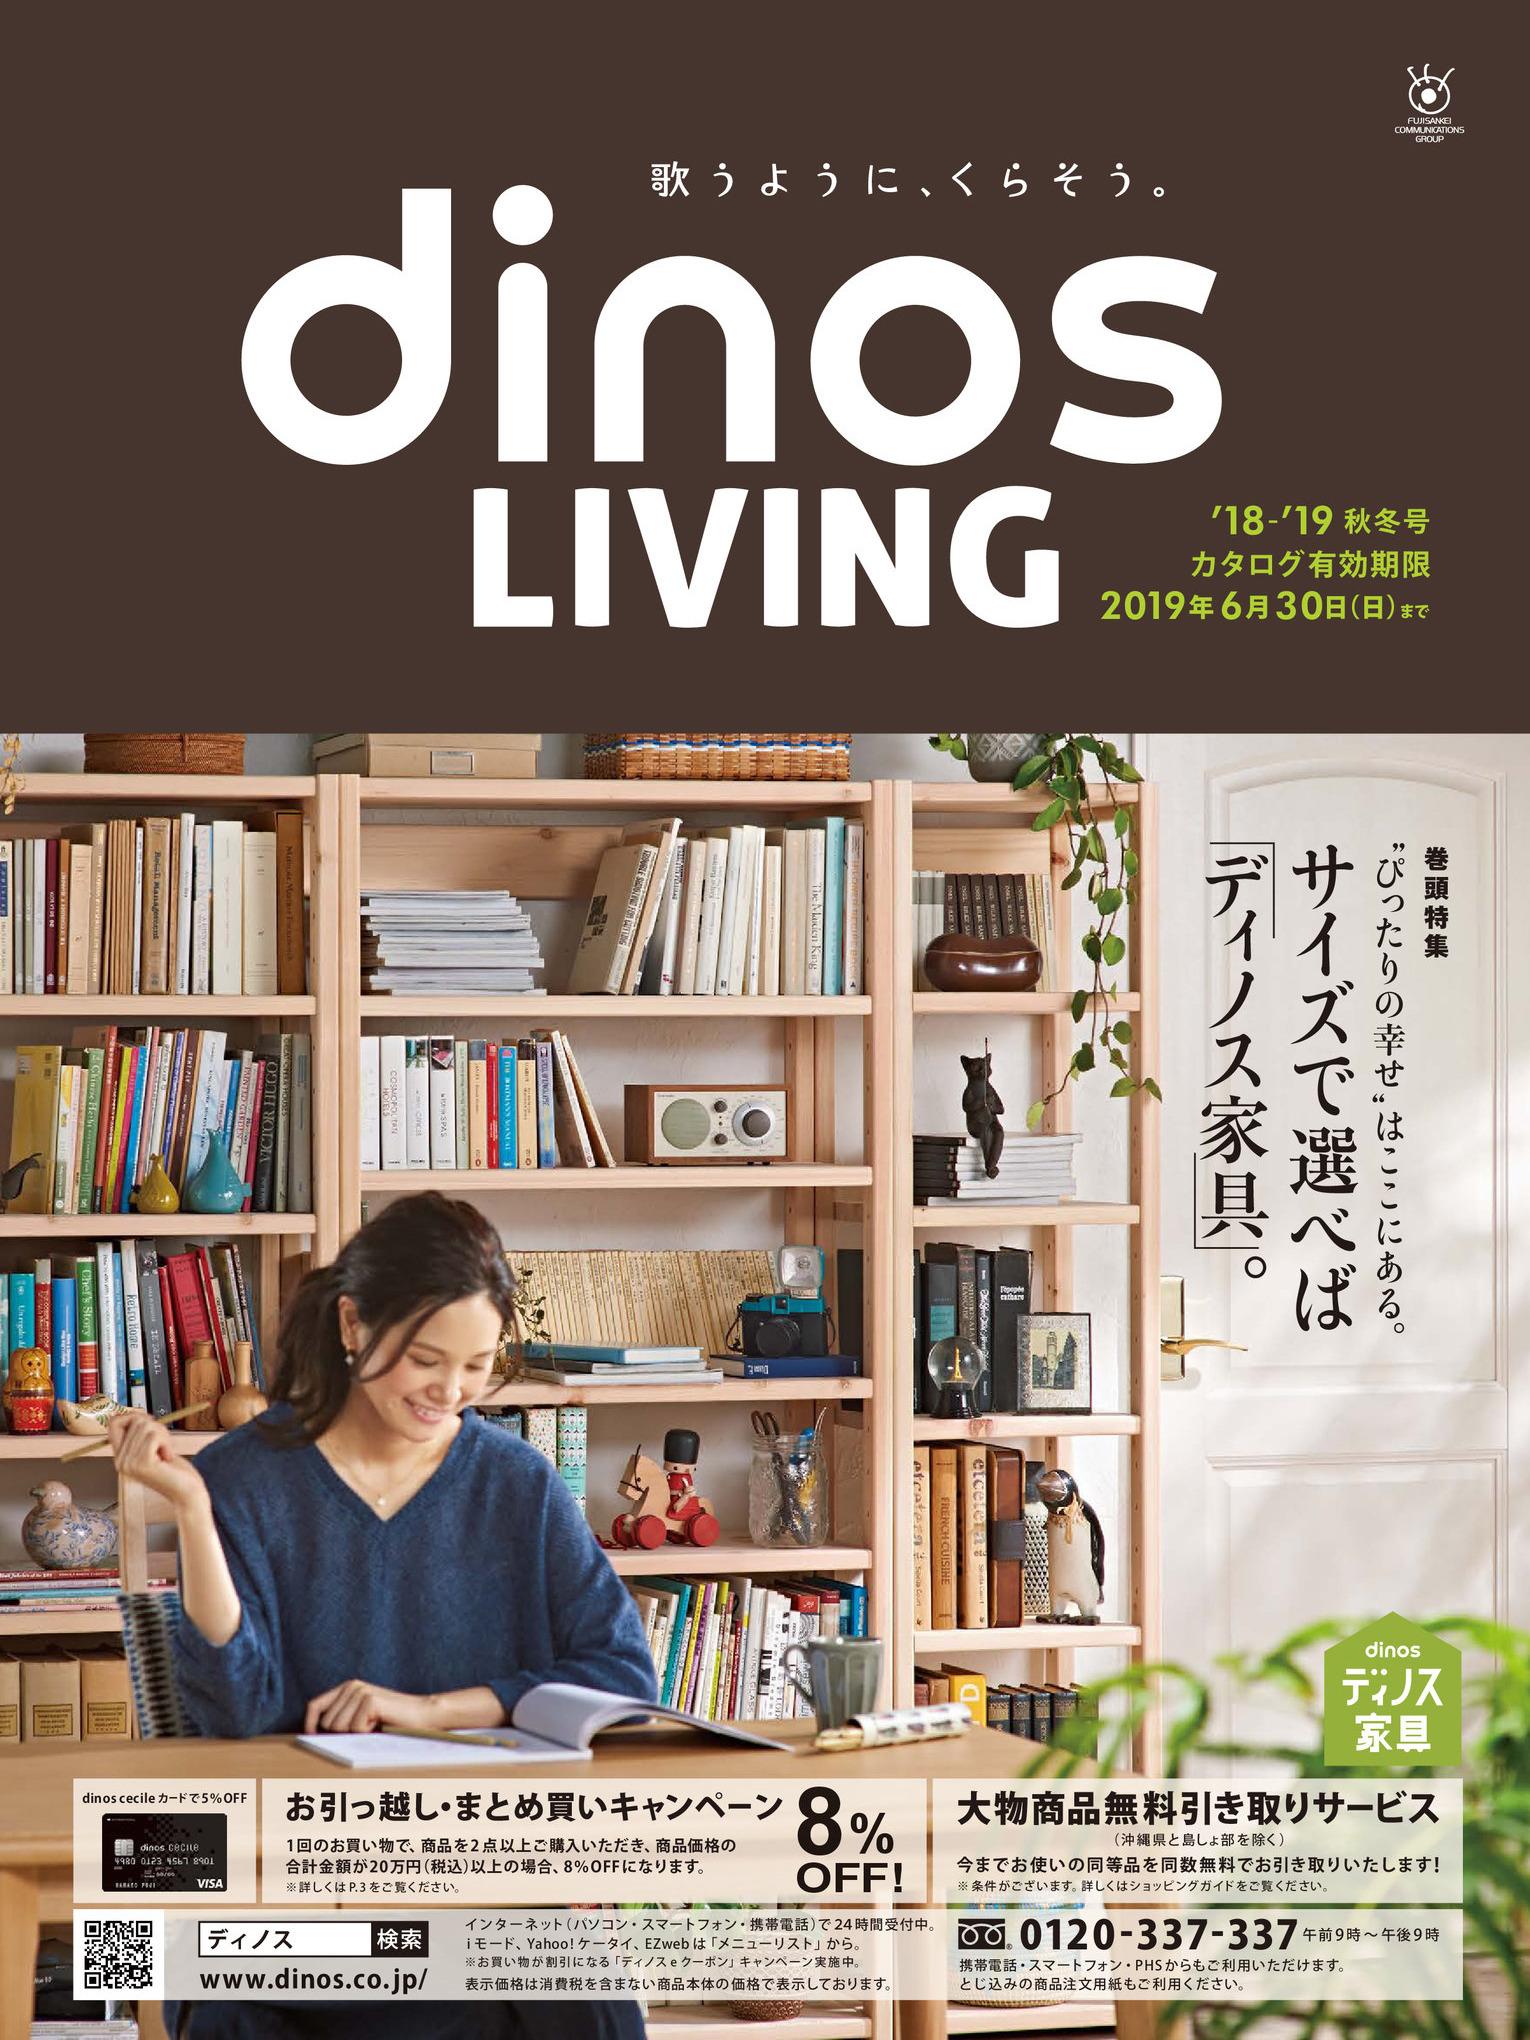 《Dinos Living》日本版时尚布艺杂志18/19年秋冬号